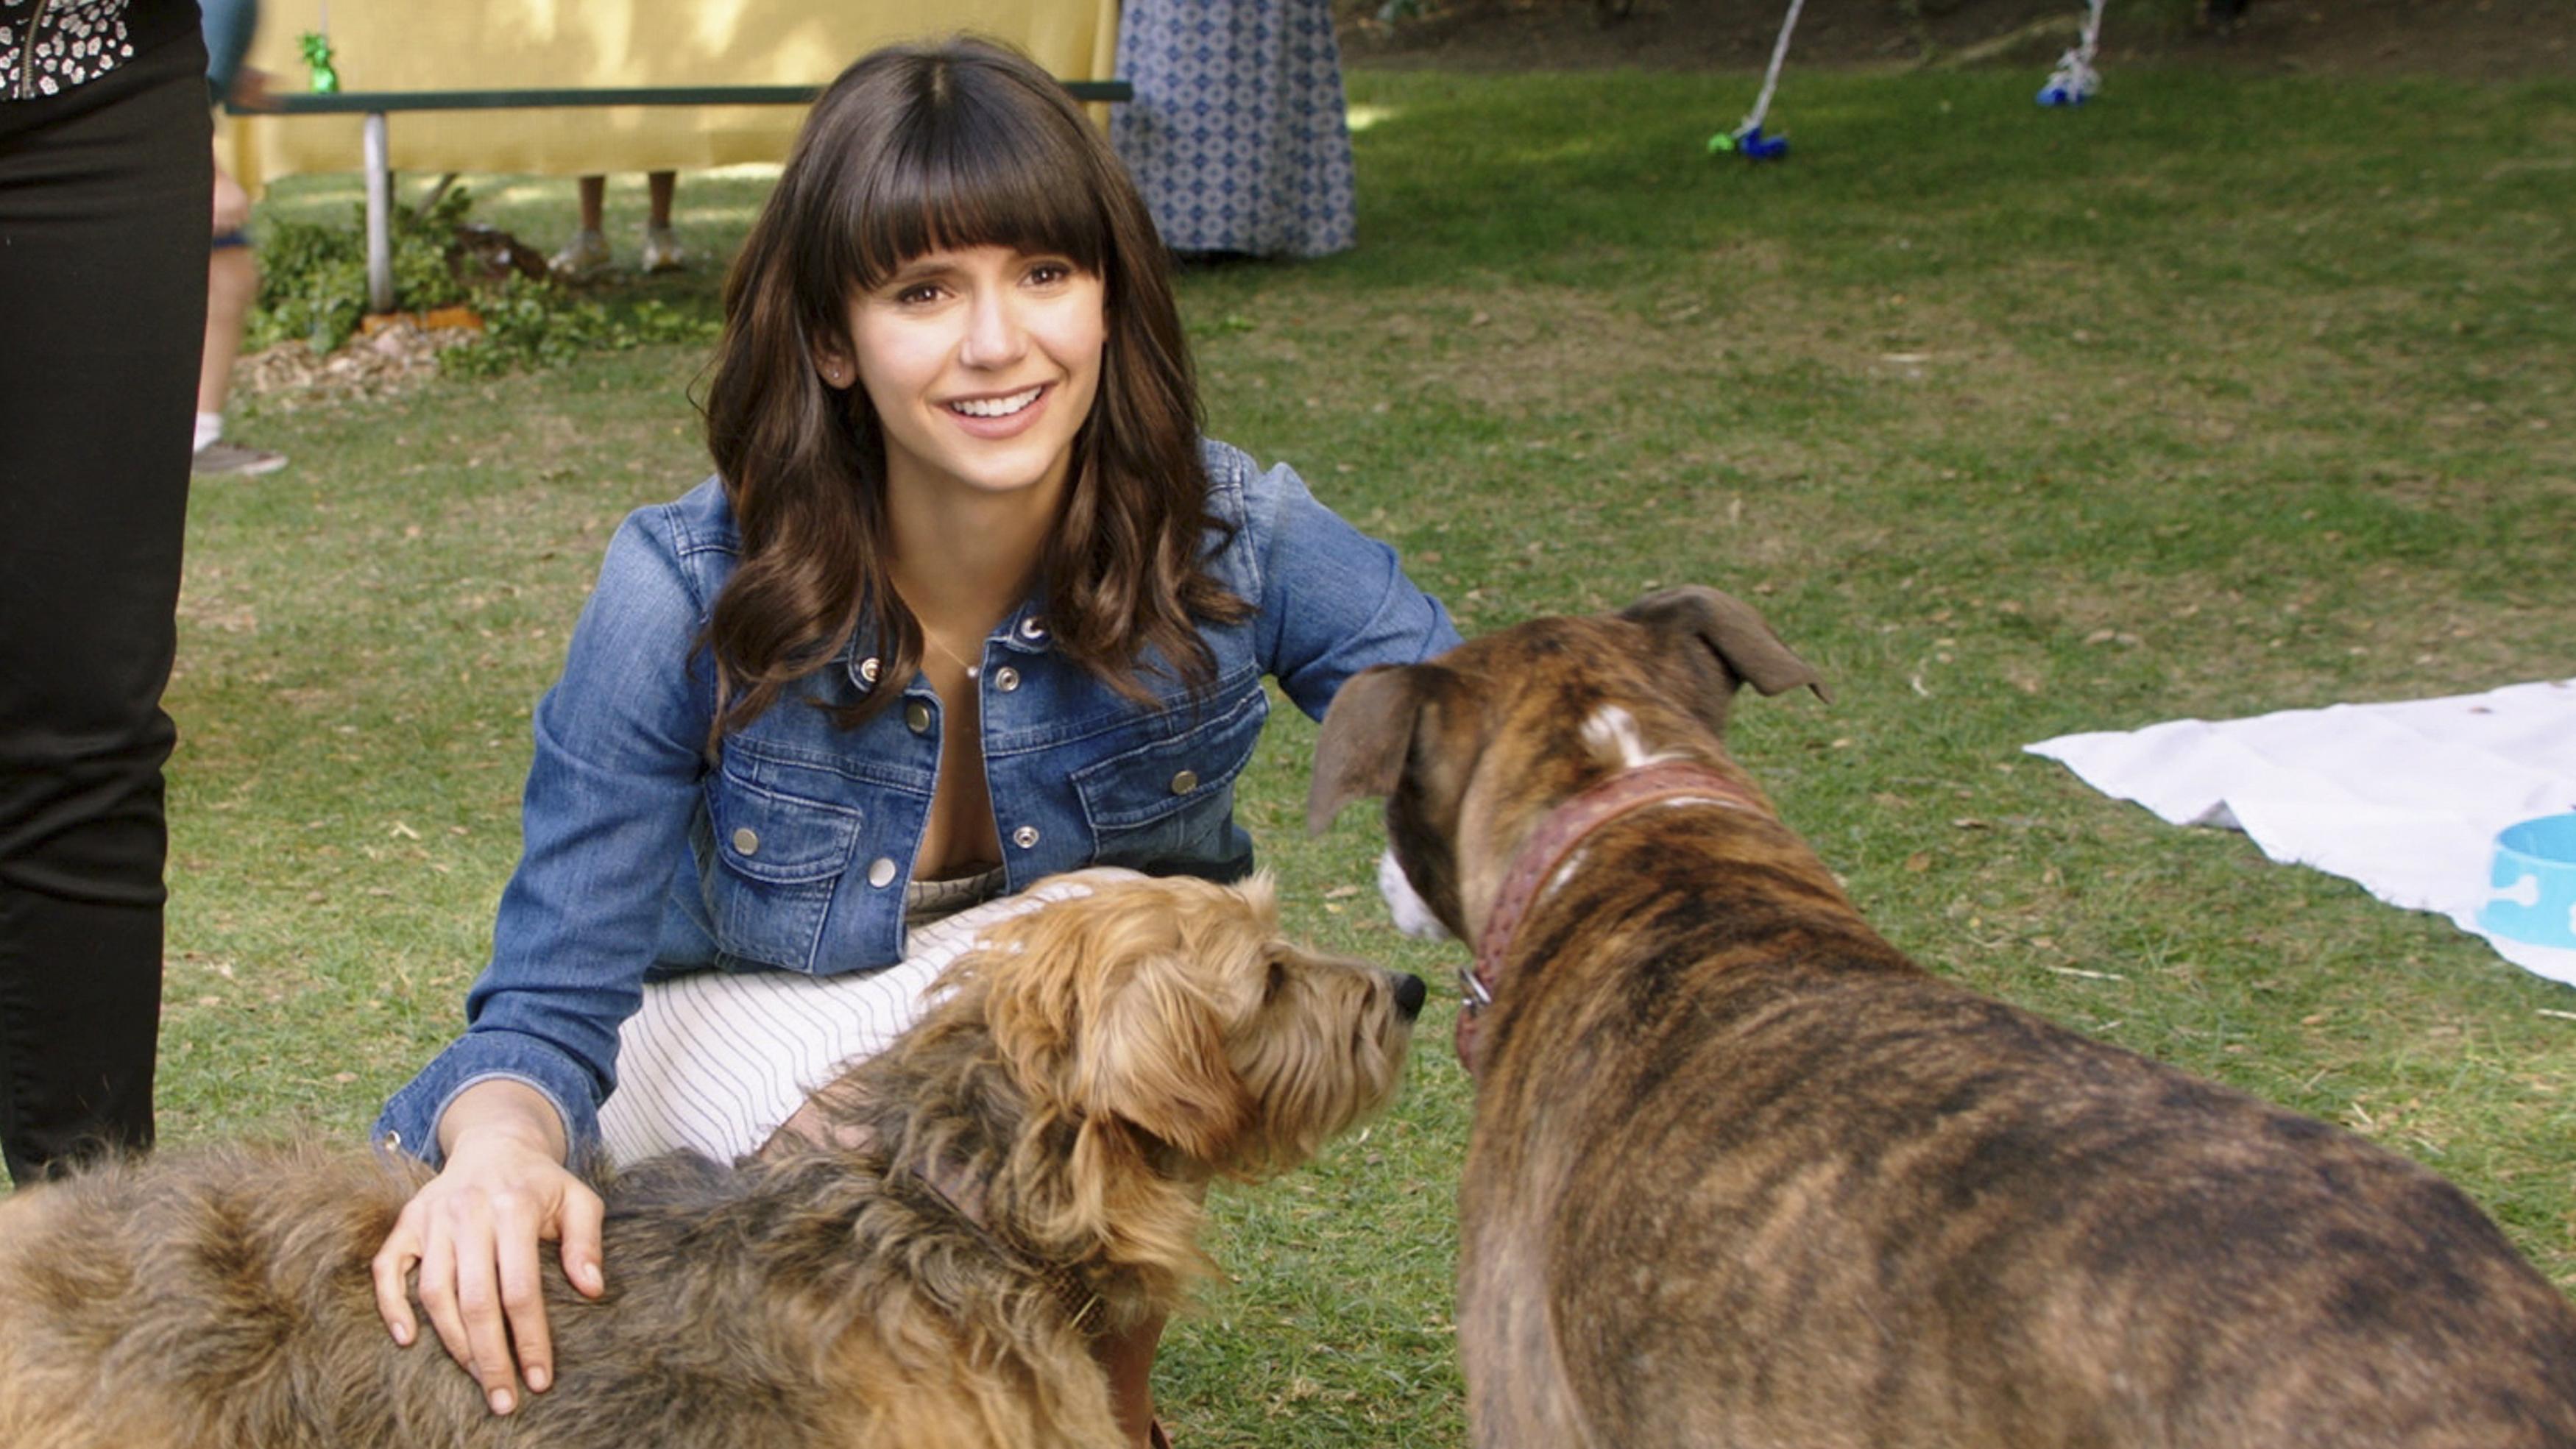 Dog Days star Nina Dobrev